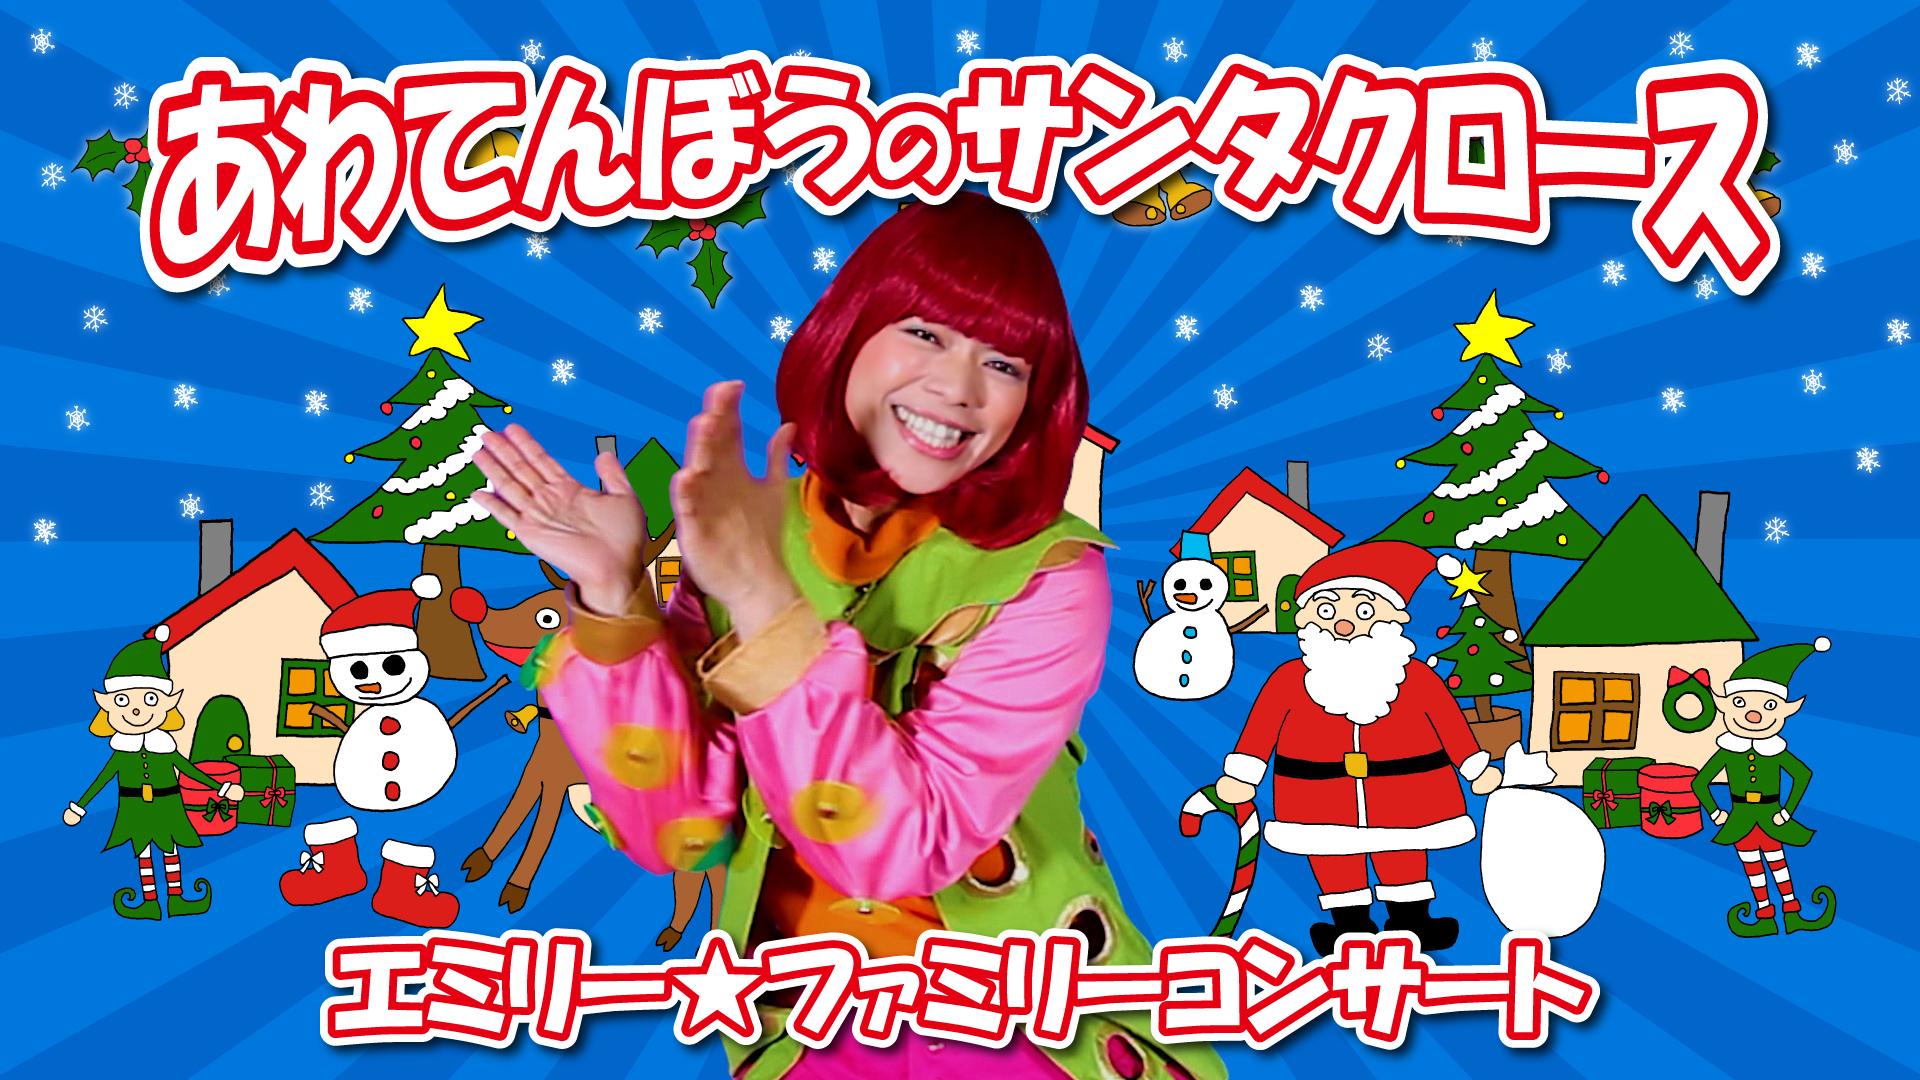 エミリー☆ファミリーコンサート クリスマス企画 あわてんぼうのサンタクロース🎅